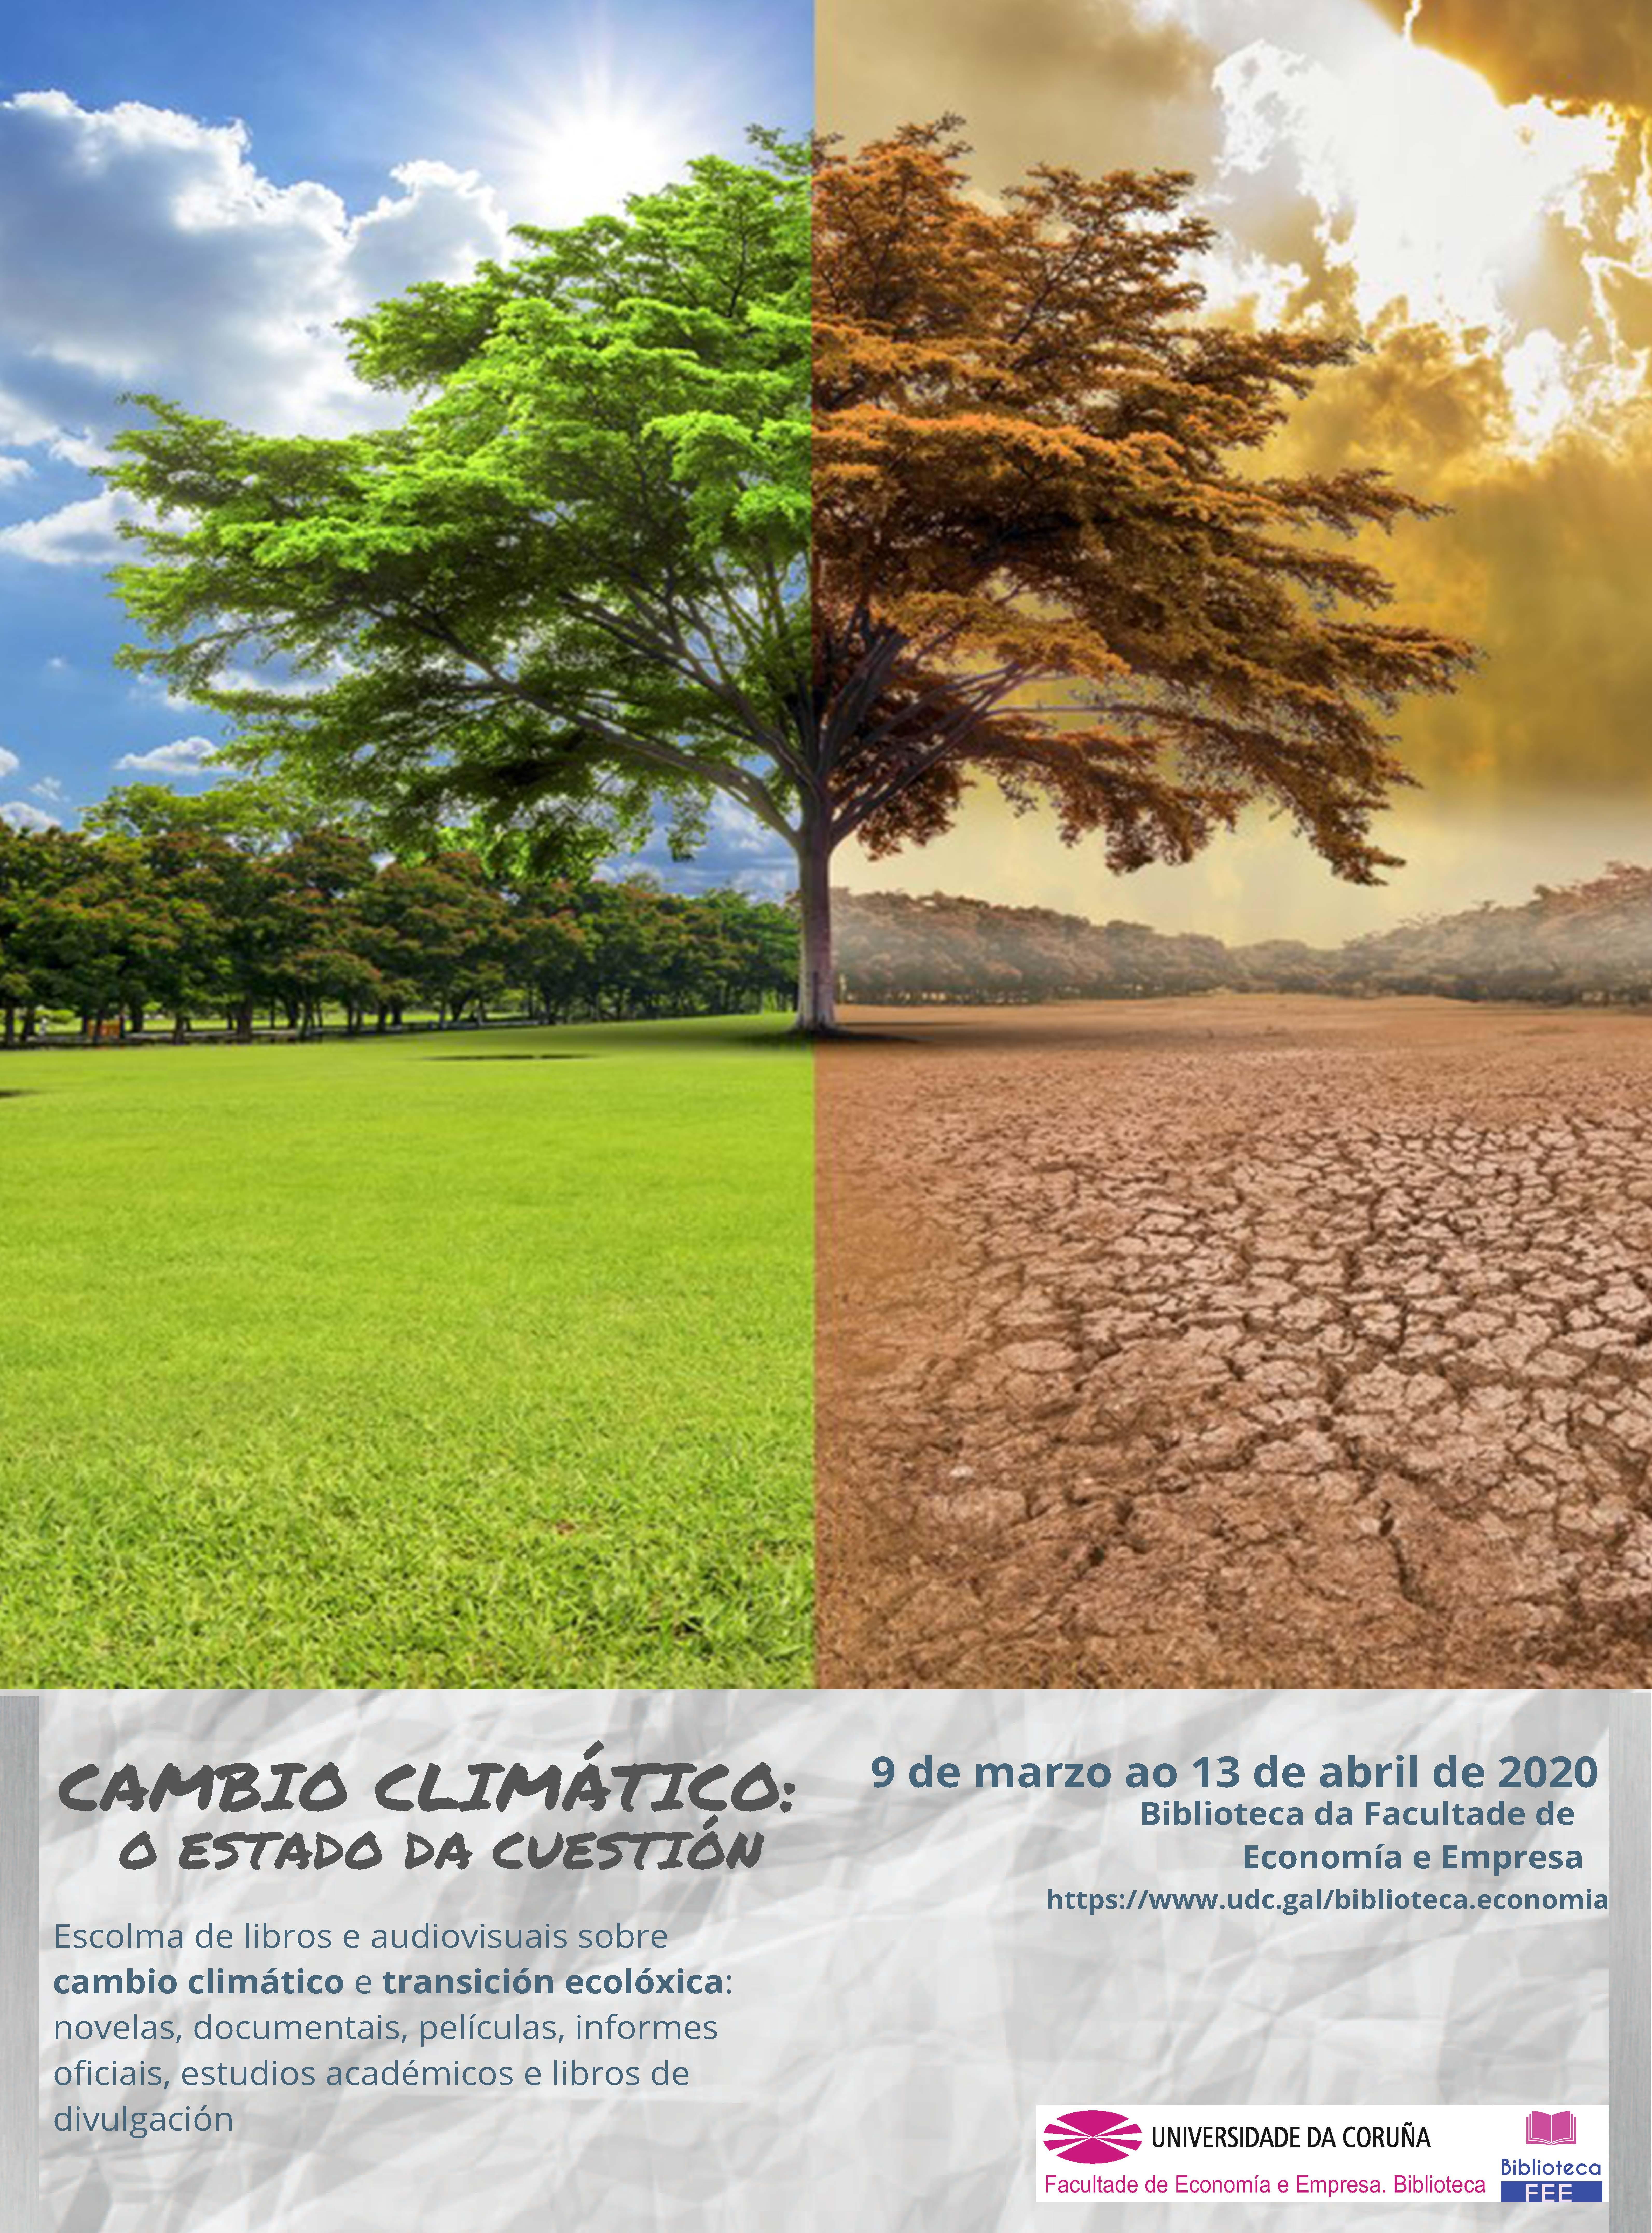 CAMBIO CLIMÁTICO: O ESTADO DA CUESTIÓN